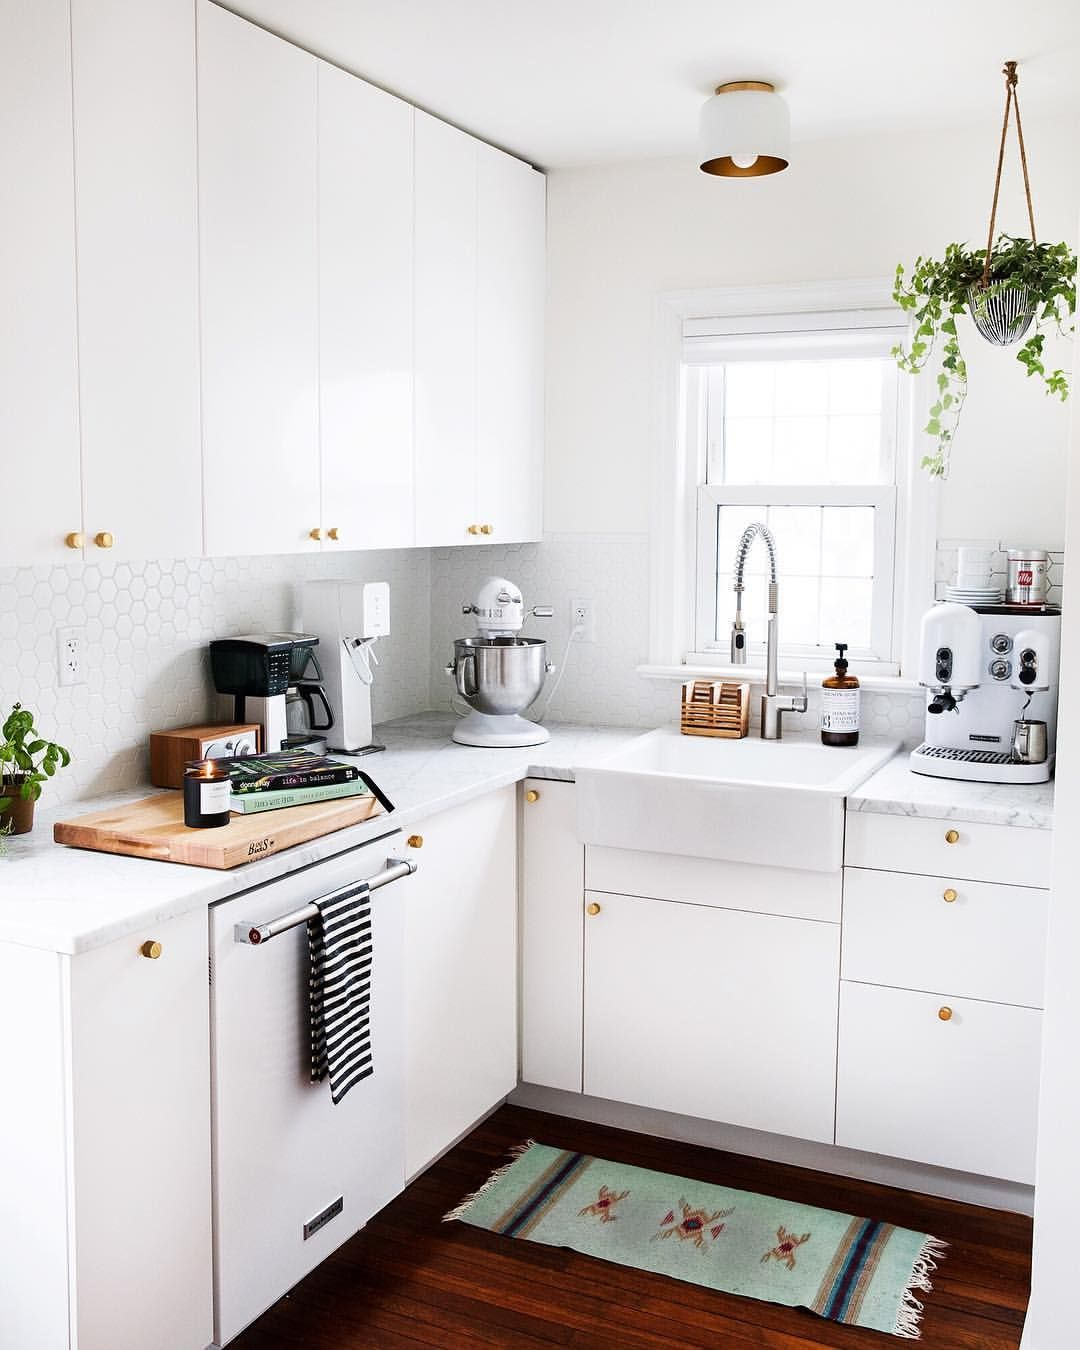 Small Square Kitchen Interior Design: Small House Renovation, Square Kitchen, Home Reno